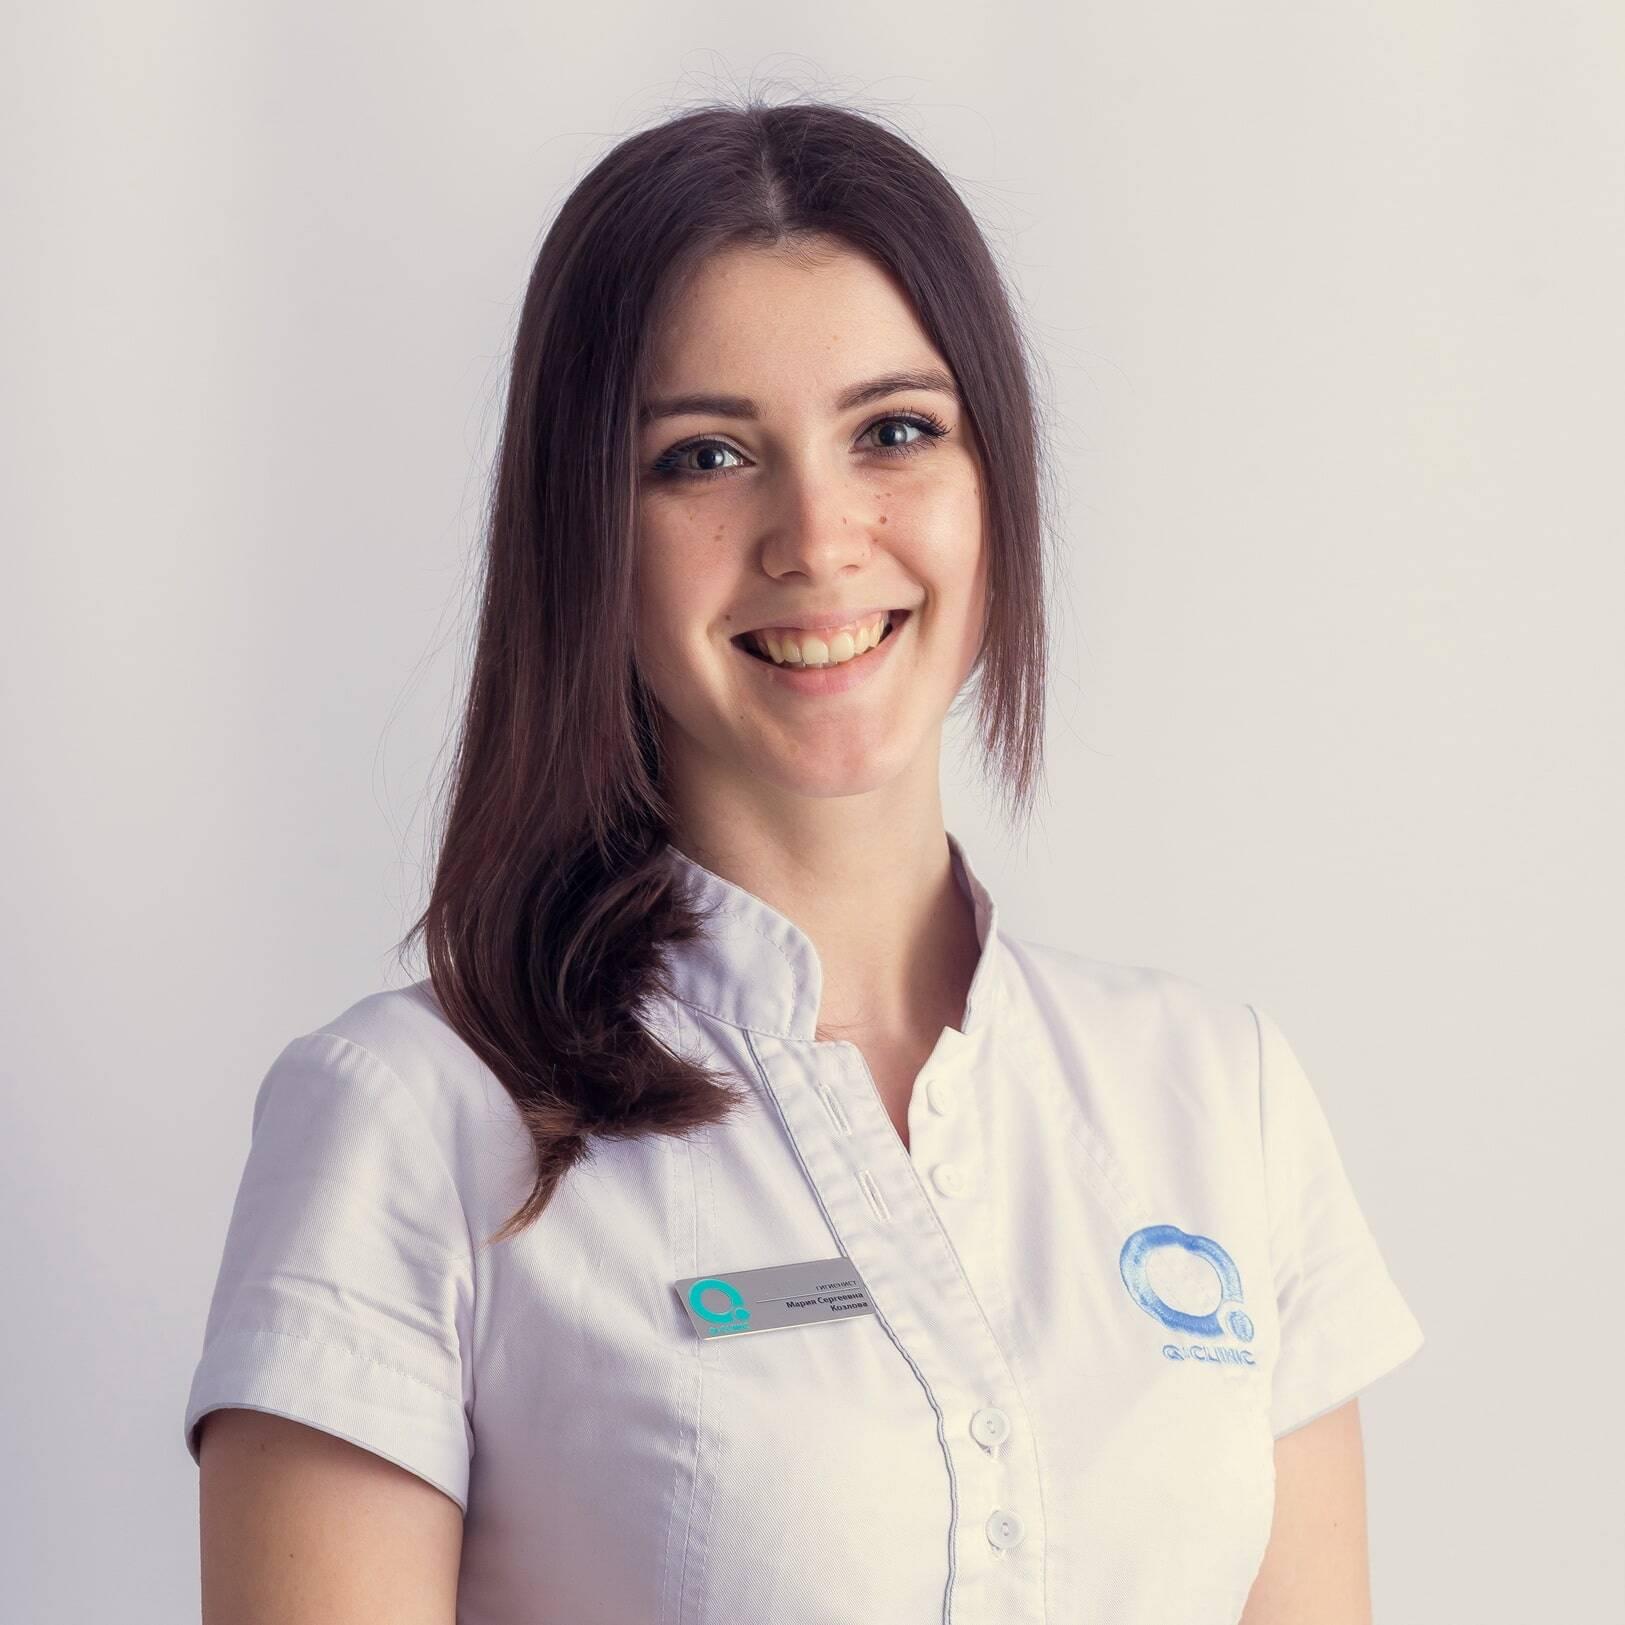 лікар Слапенина  Мария  Сергеевна: опис, відгуки, послуги, рейтинг, записатися онлайн на сайті h24.ua